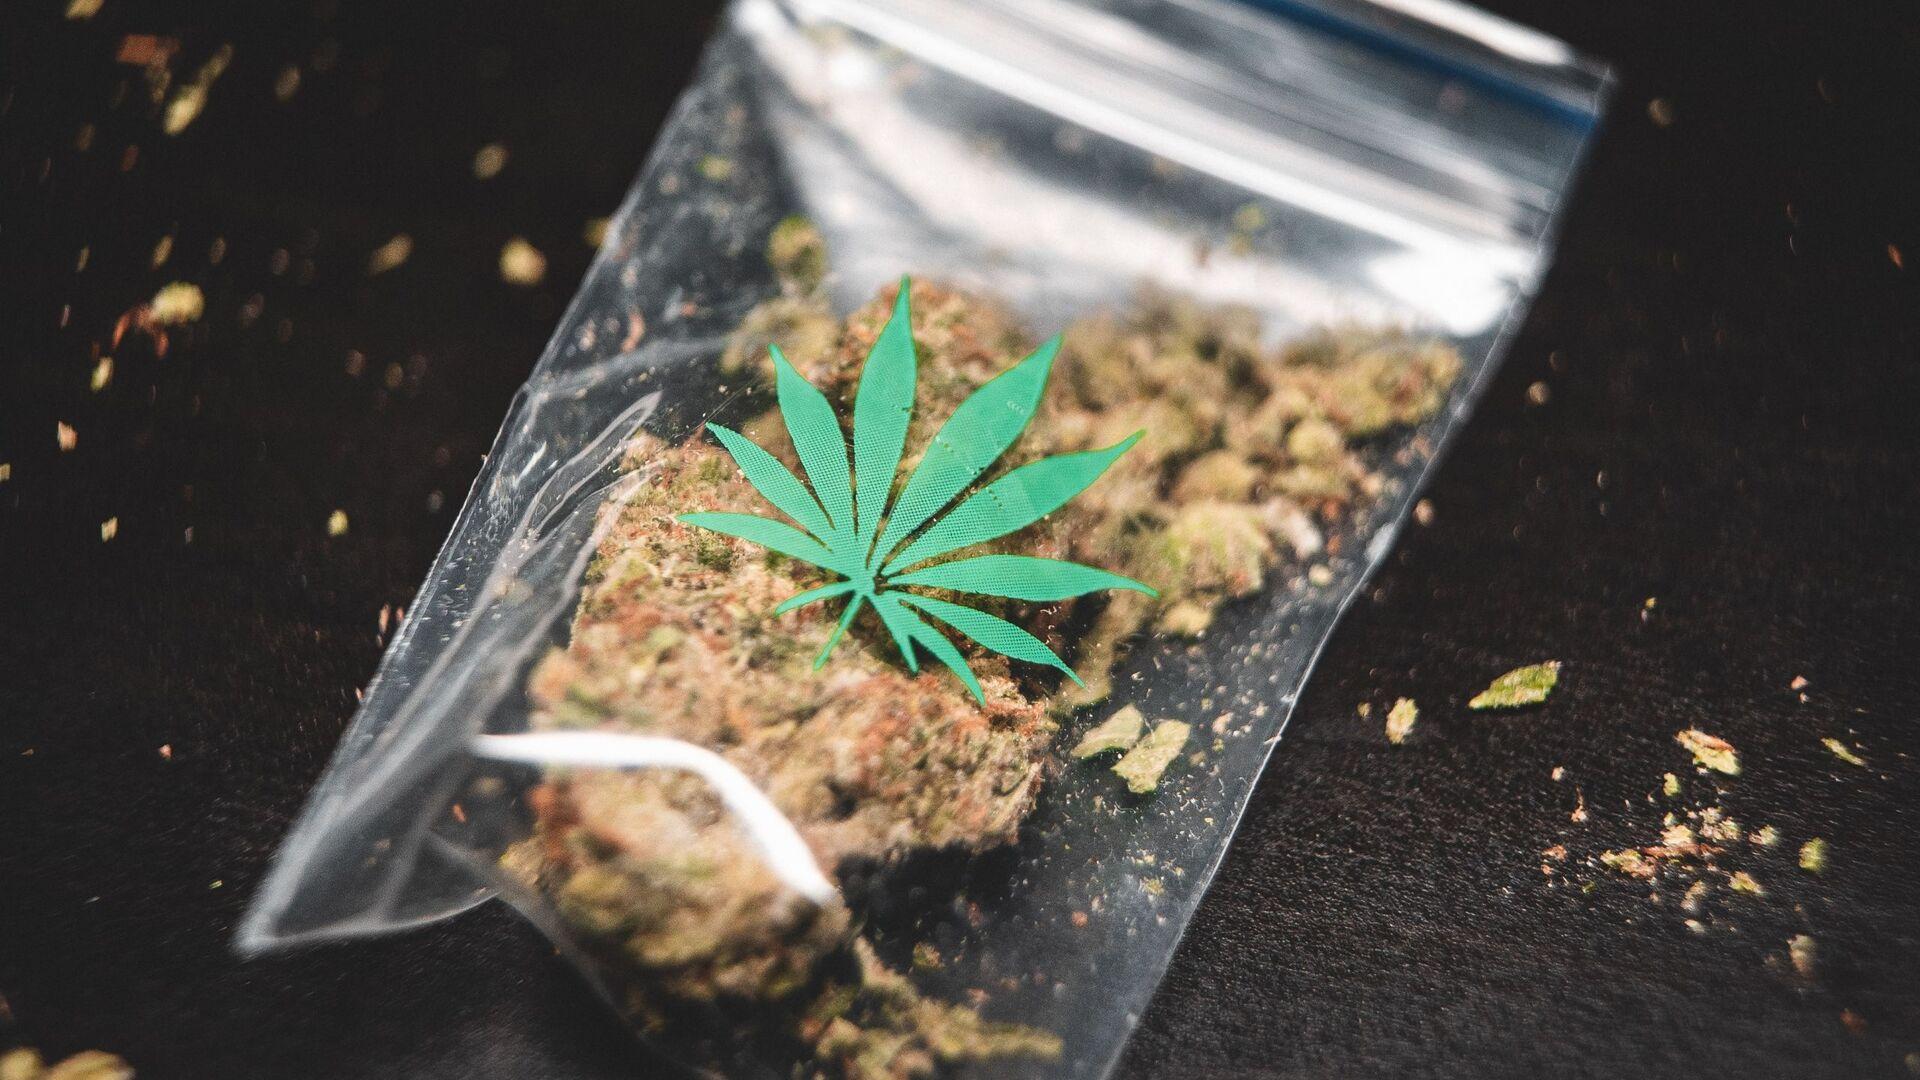 Una bolsa con cannabis (imagen referencial) - Sputnik Mundo, 1920, 31.03.2021